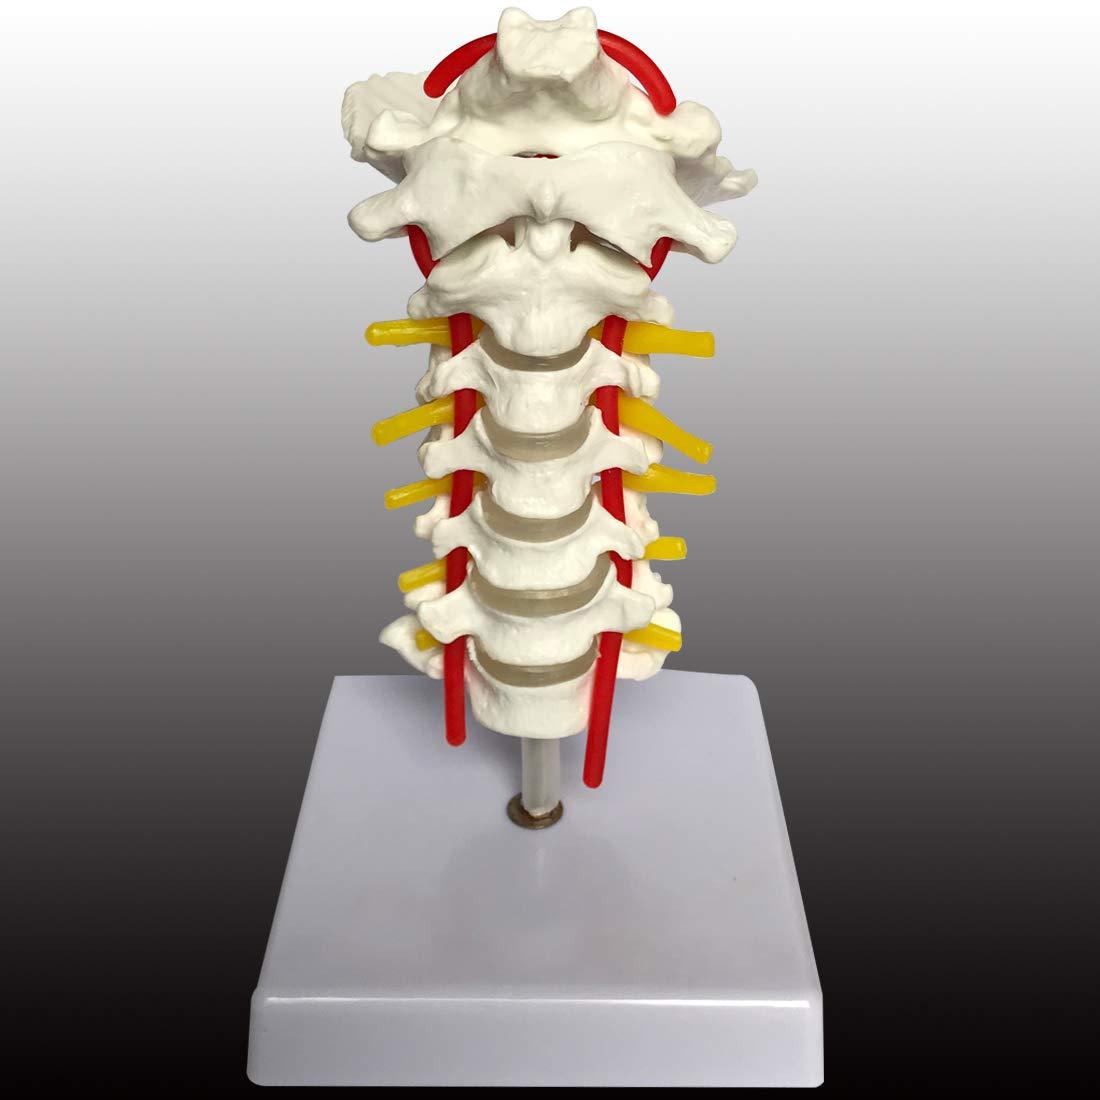 Cervical Vertebra Arteria Spine Spinal Nerves Anatomical